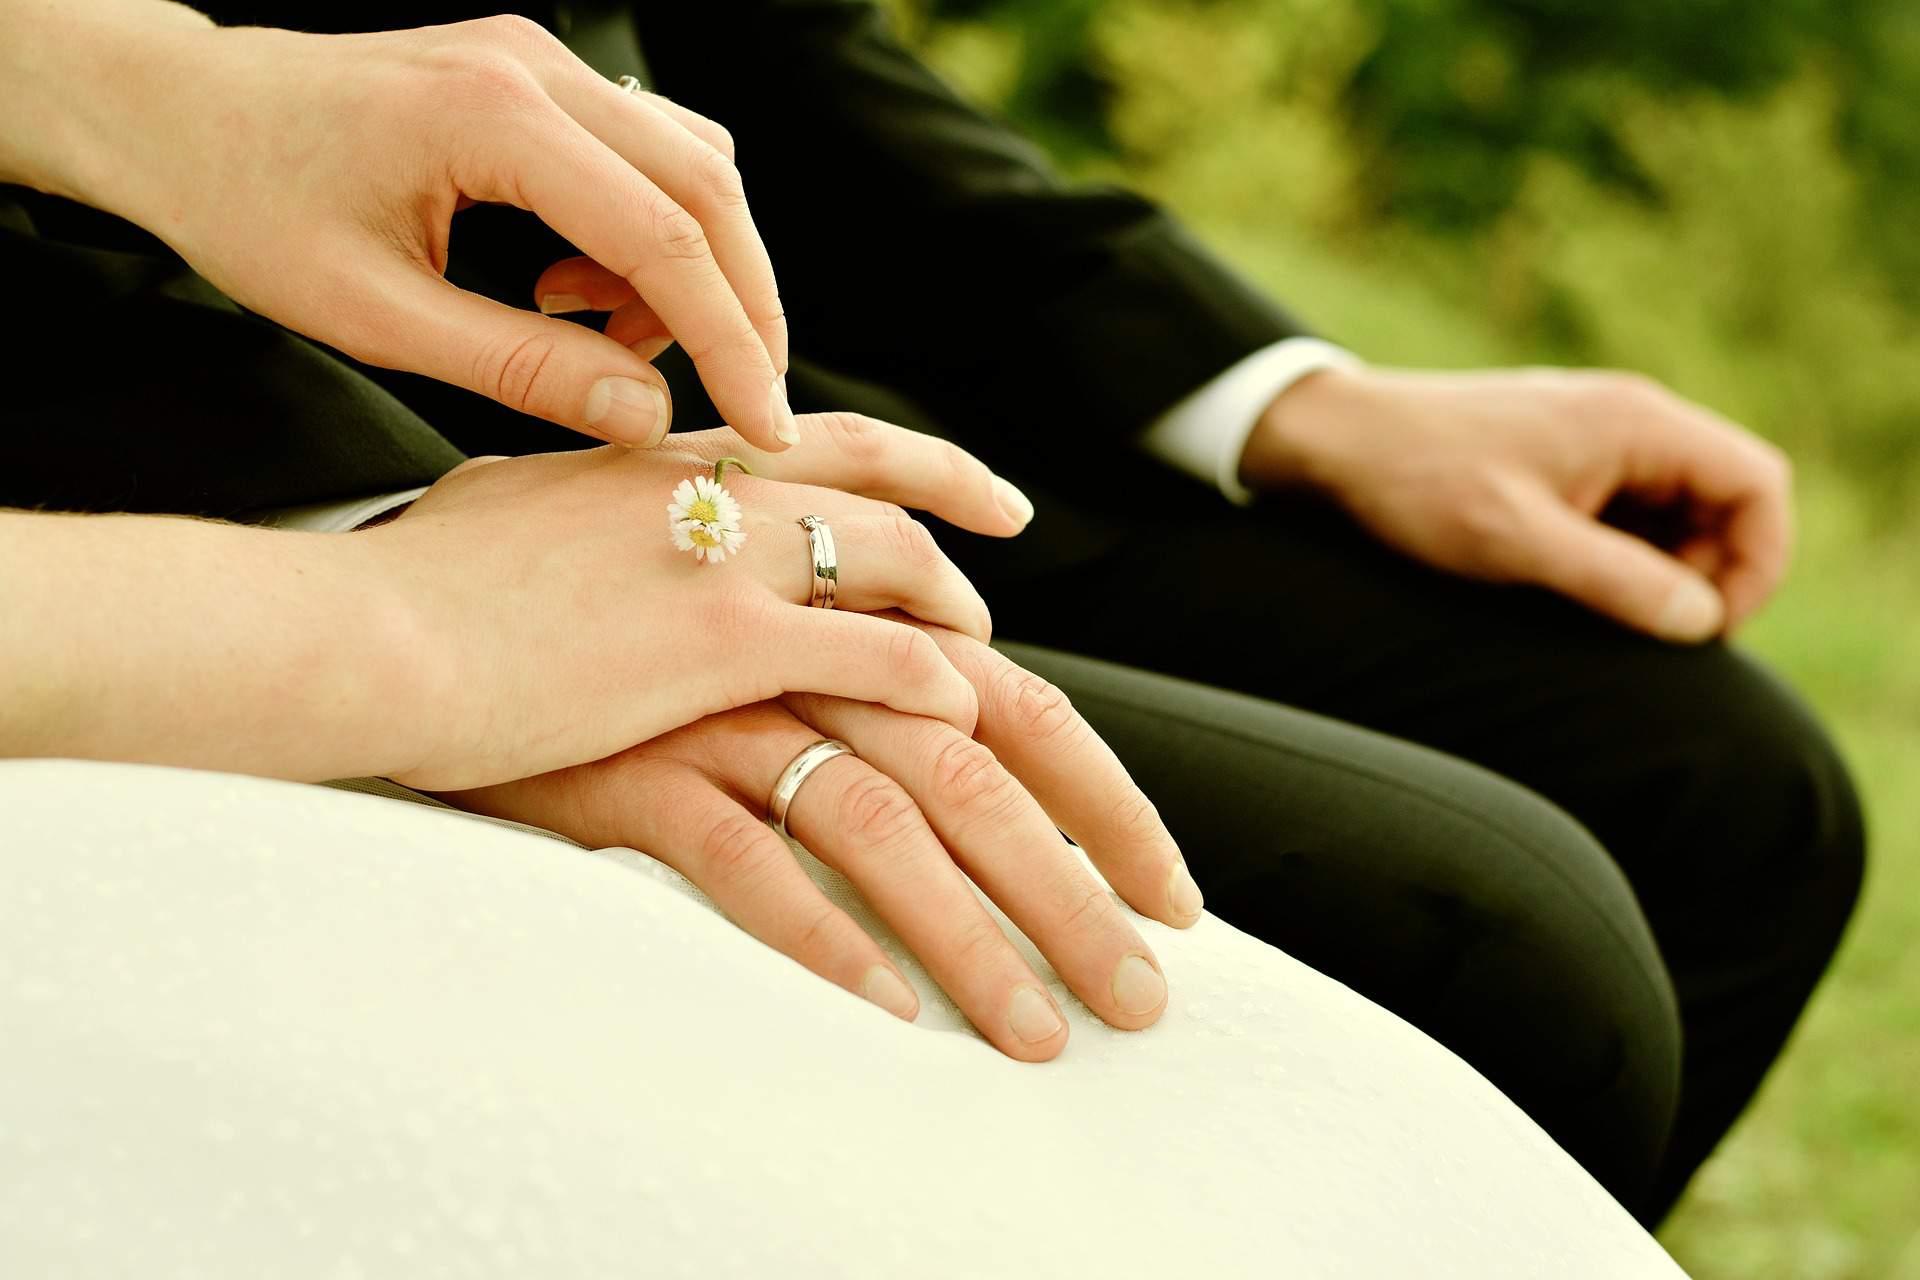 esküvő wedding marriage házasság ring gyűrű love szerelem